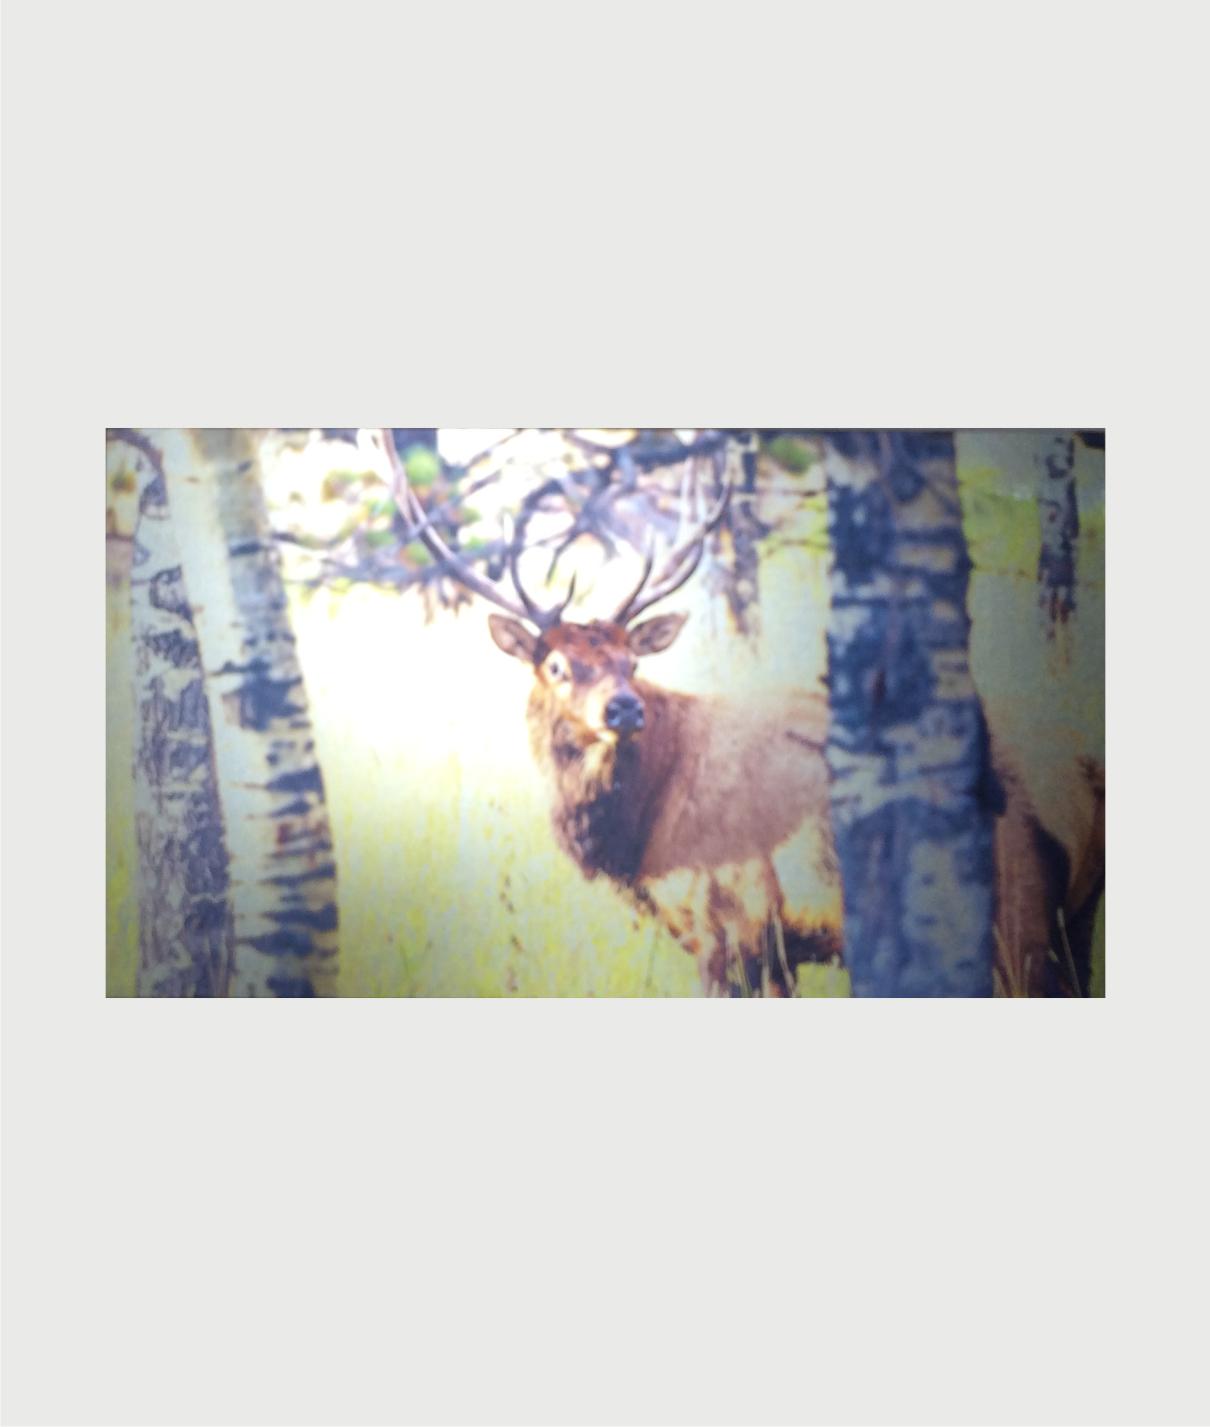 Billede i stål med hjort ved birketræ